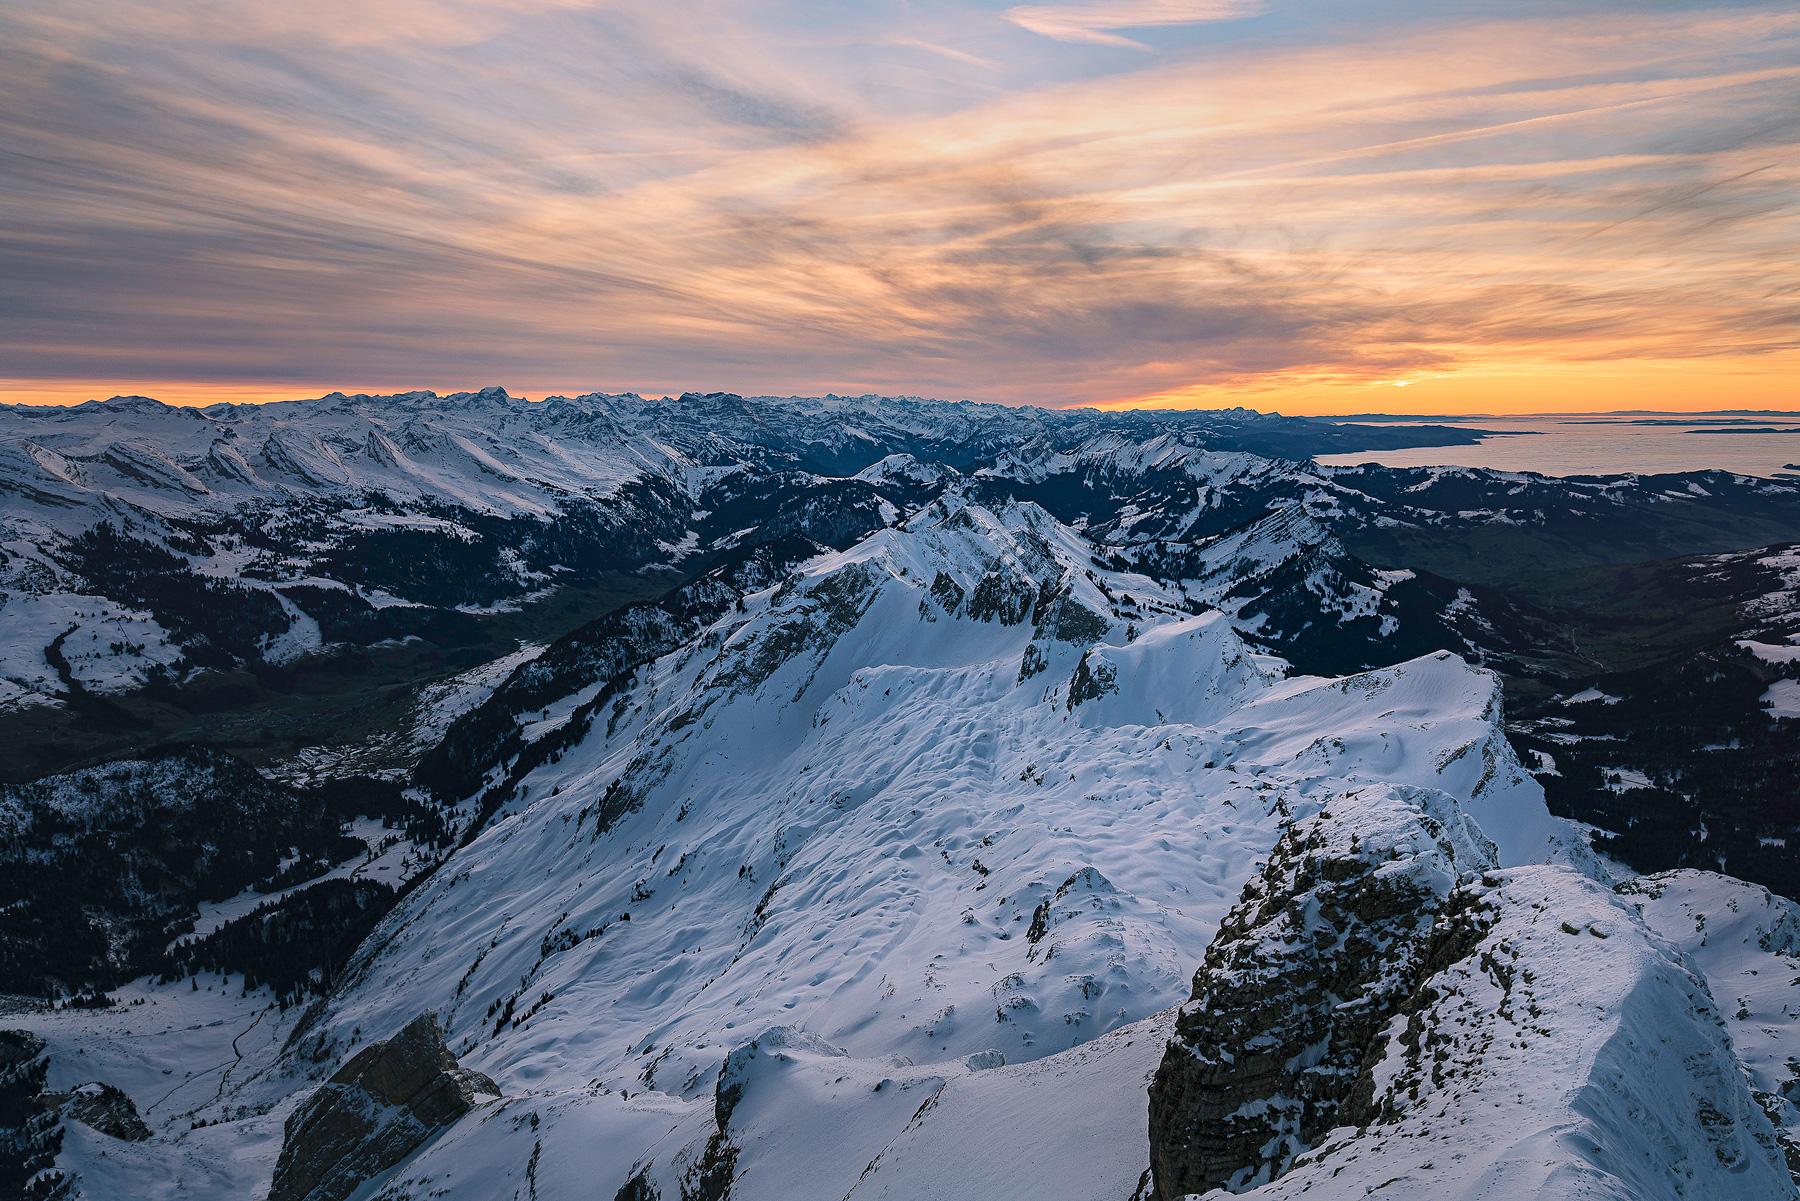 Säntis der Berg, Schweiz, Alpsteingebirge, Sonnenuntergang